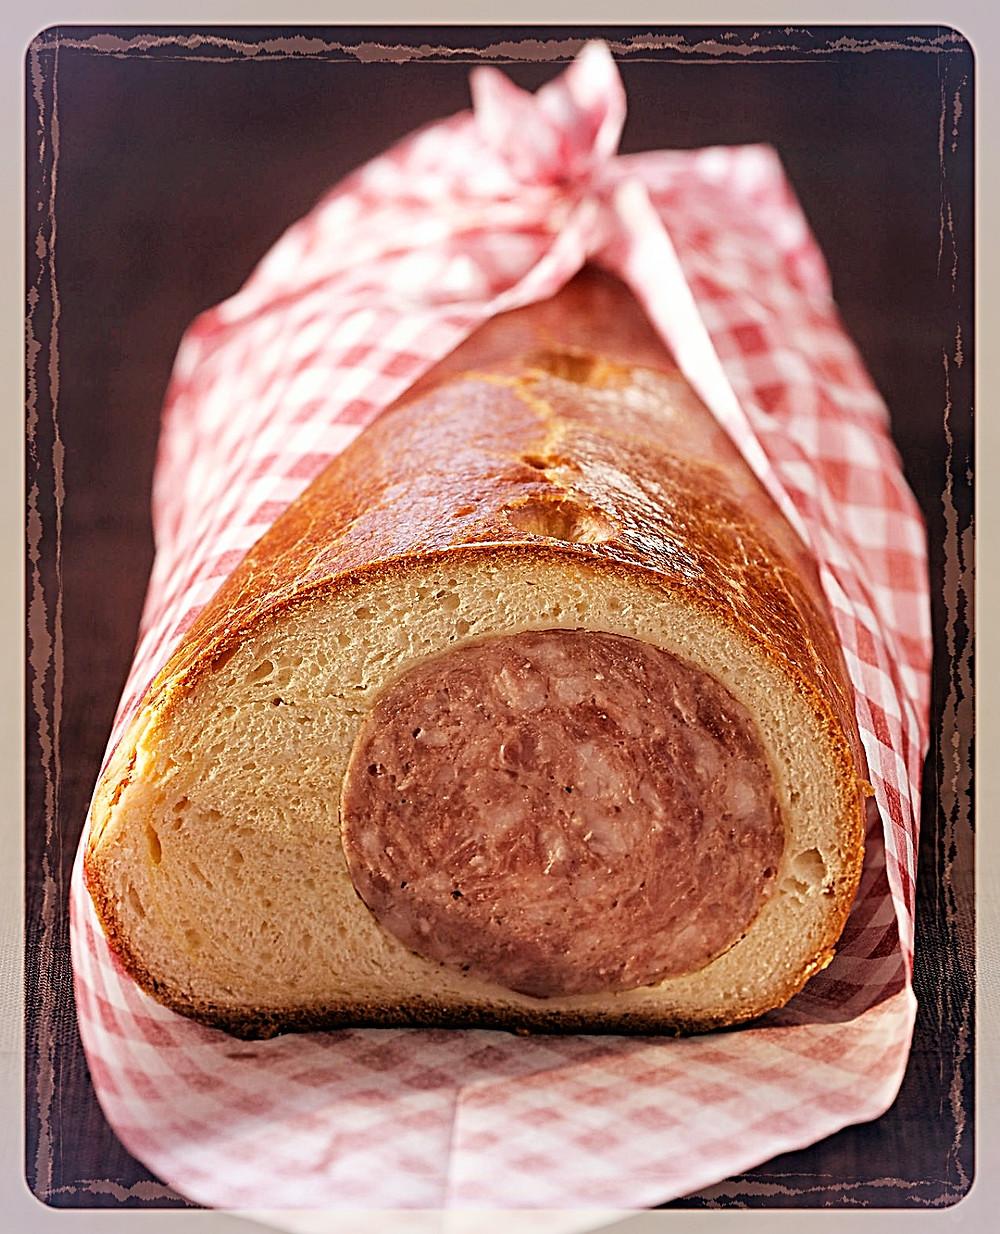 Saucisson brioché Au Roy Gourmet ©Clémentine Chauveau